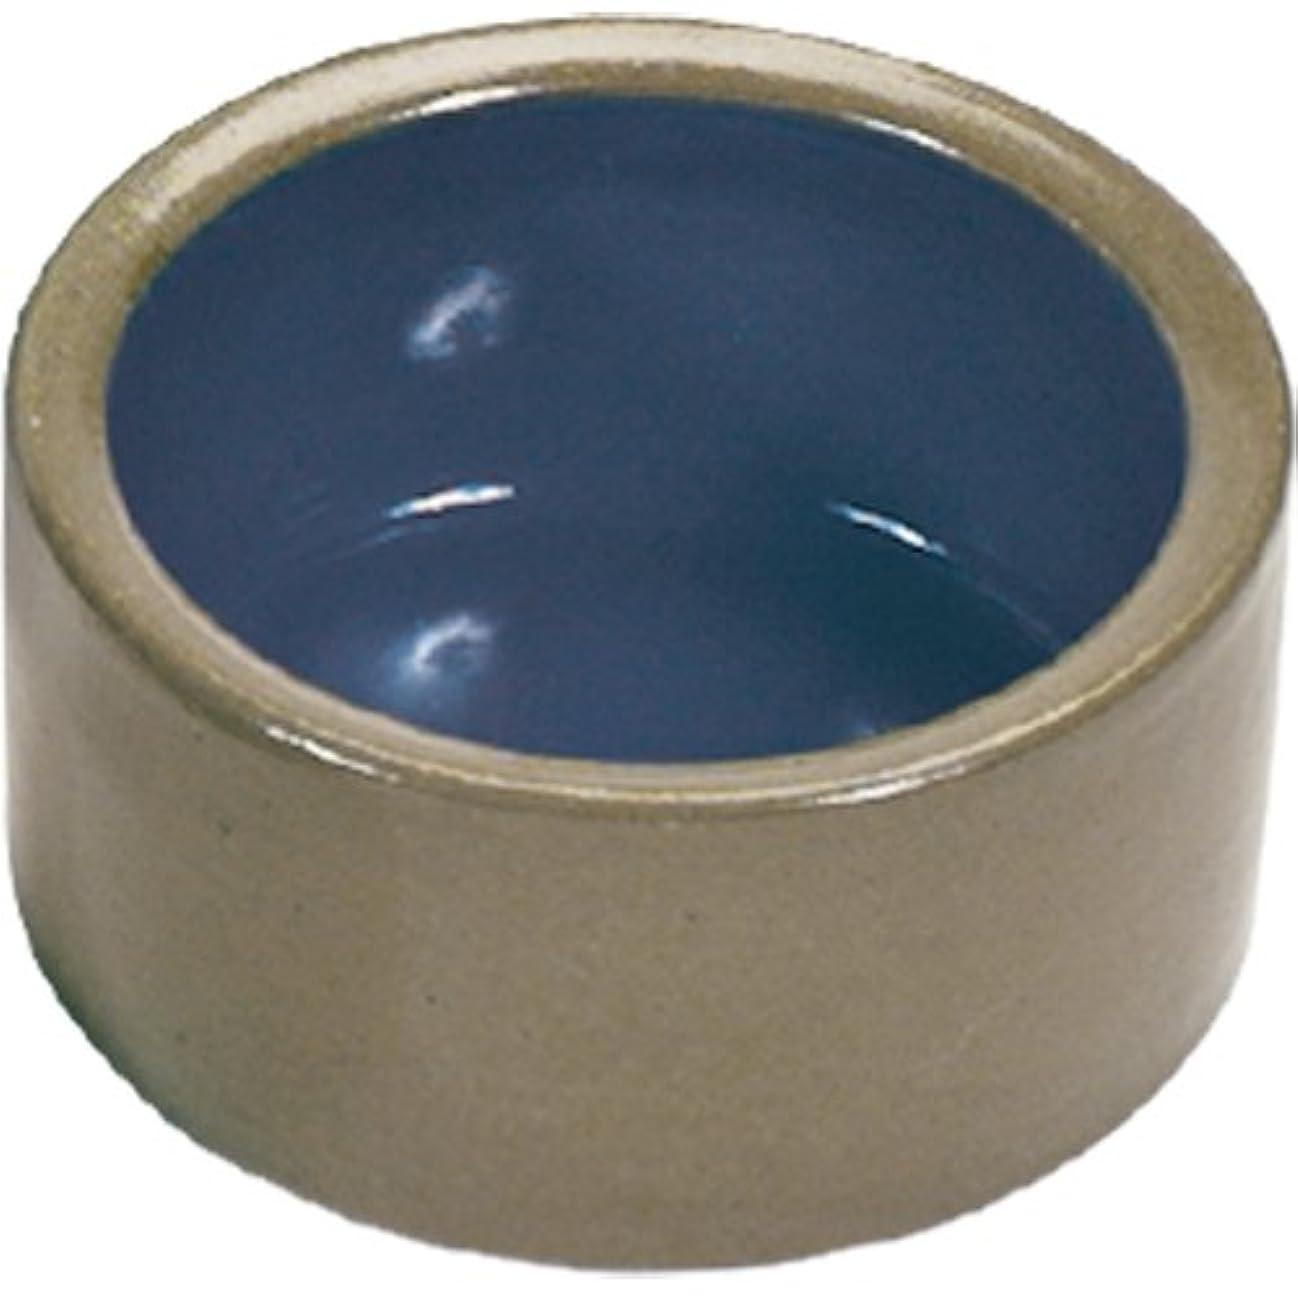 ファン鋸歯状高音Super Pet Stoneware 5inches Diameter Pet Dish Durable Chew Proof Ceramic Bowls